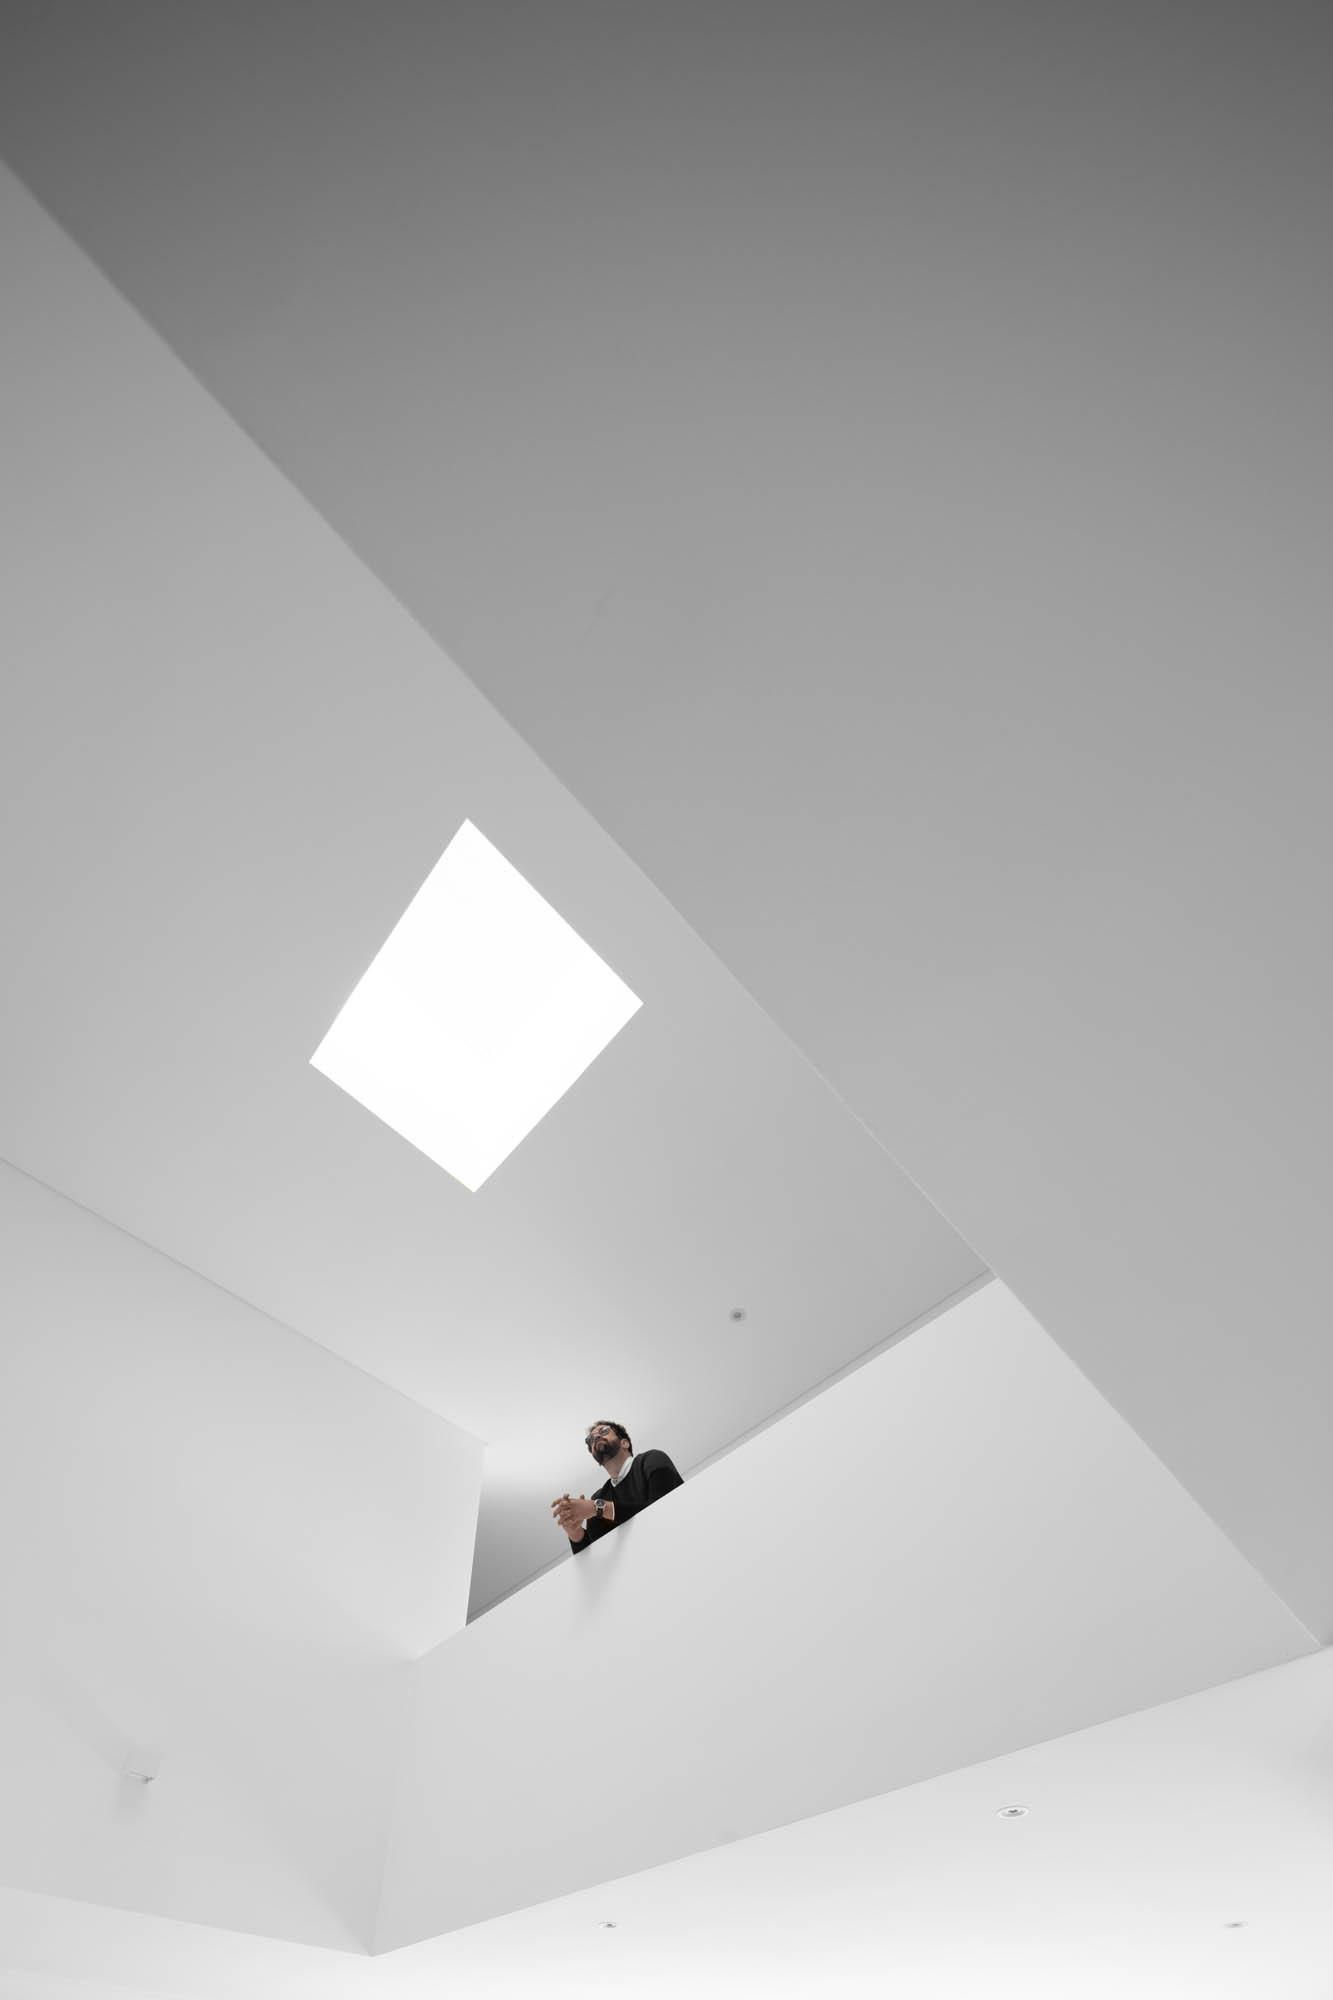 Casa Semedo Em Lisboa Do Atelier De Arquitetura Sérgio Miguel G do fotografo Ivo Tavares Studio